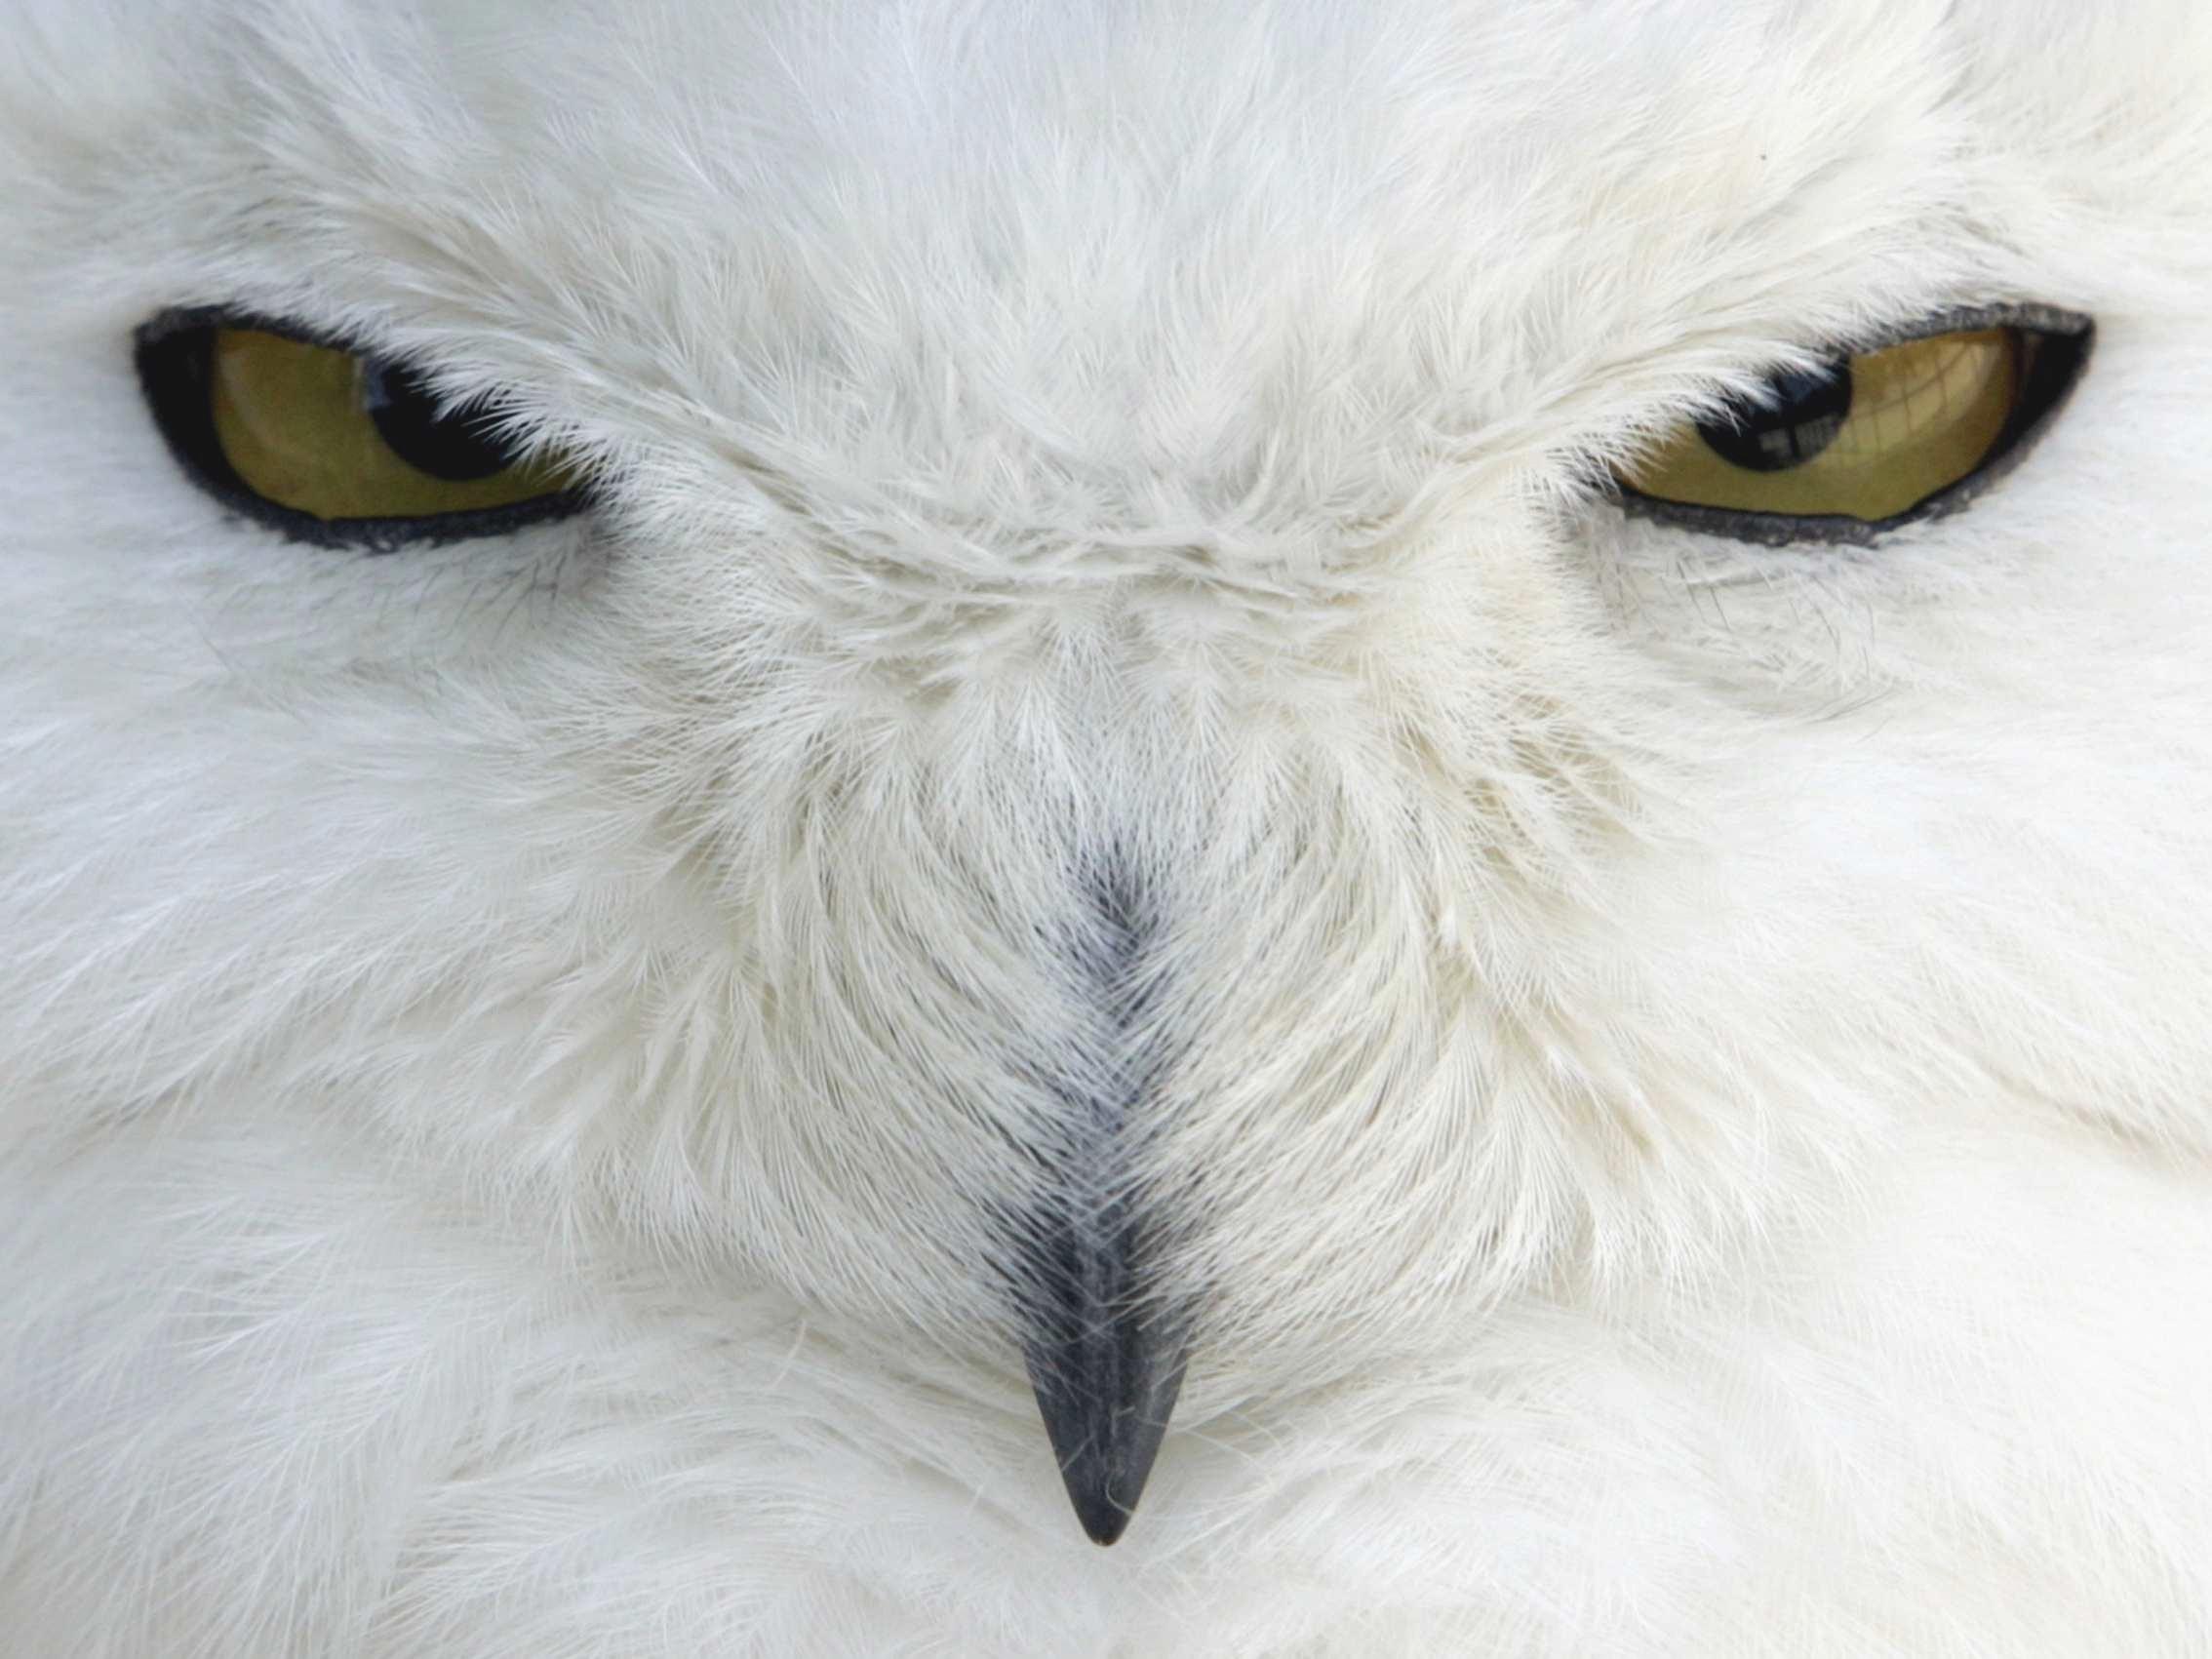 Snowy Owl hd wallpaper